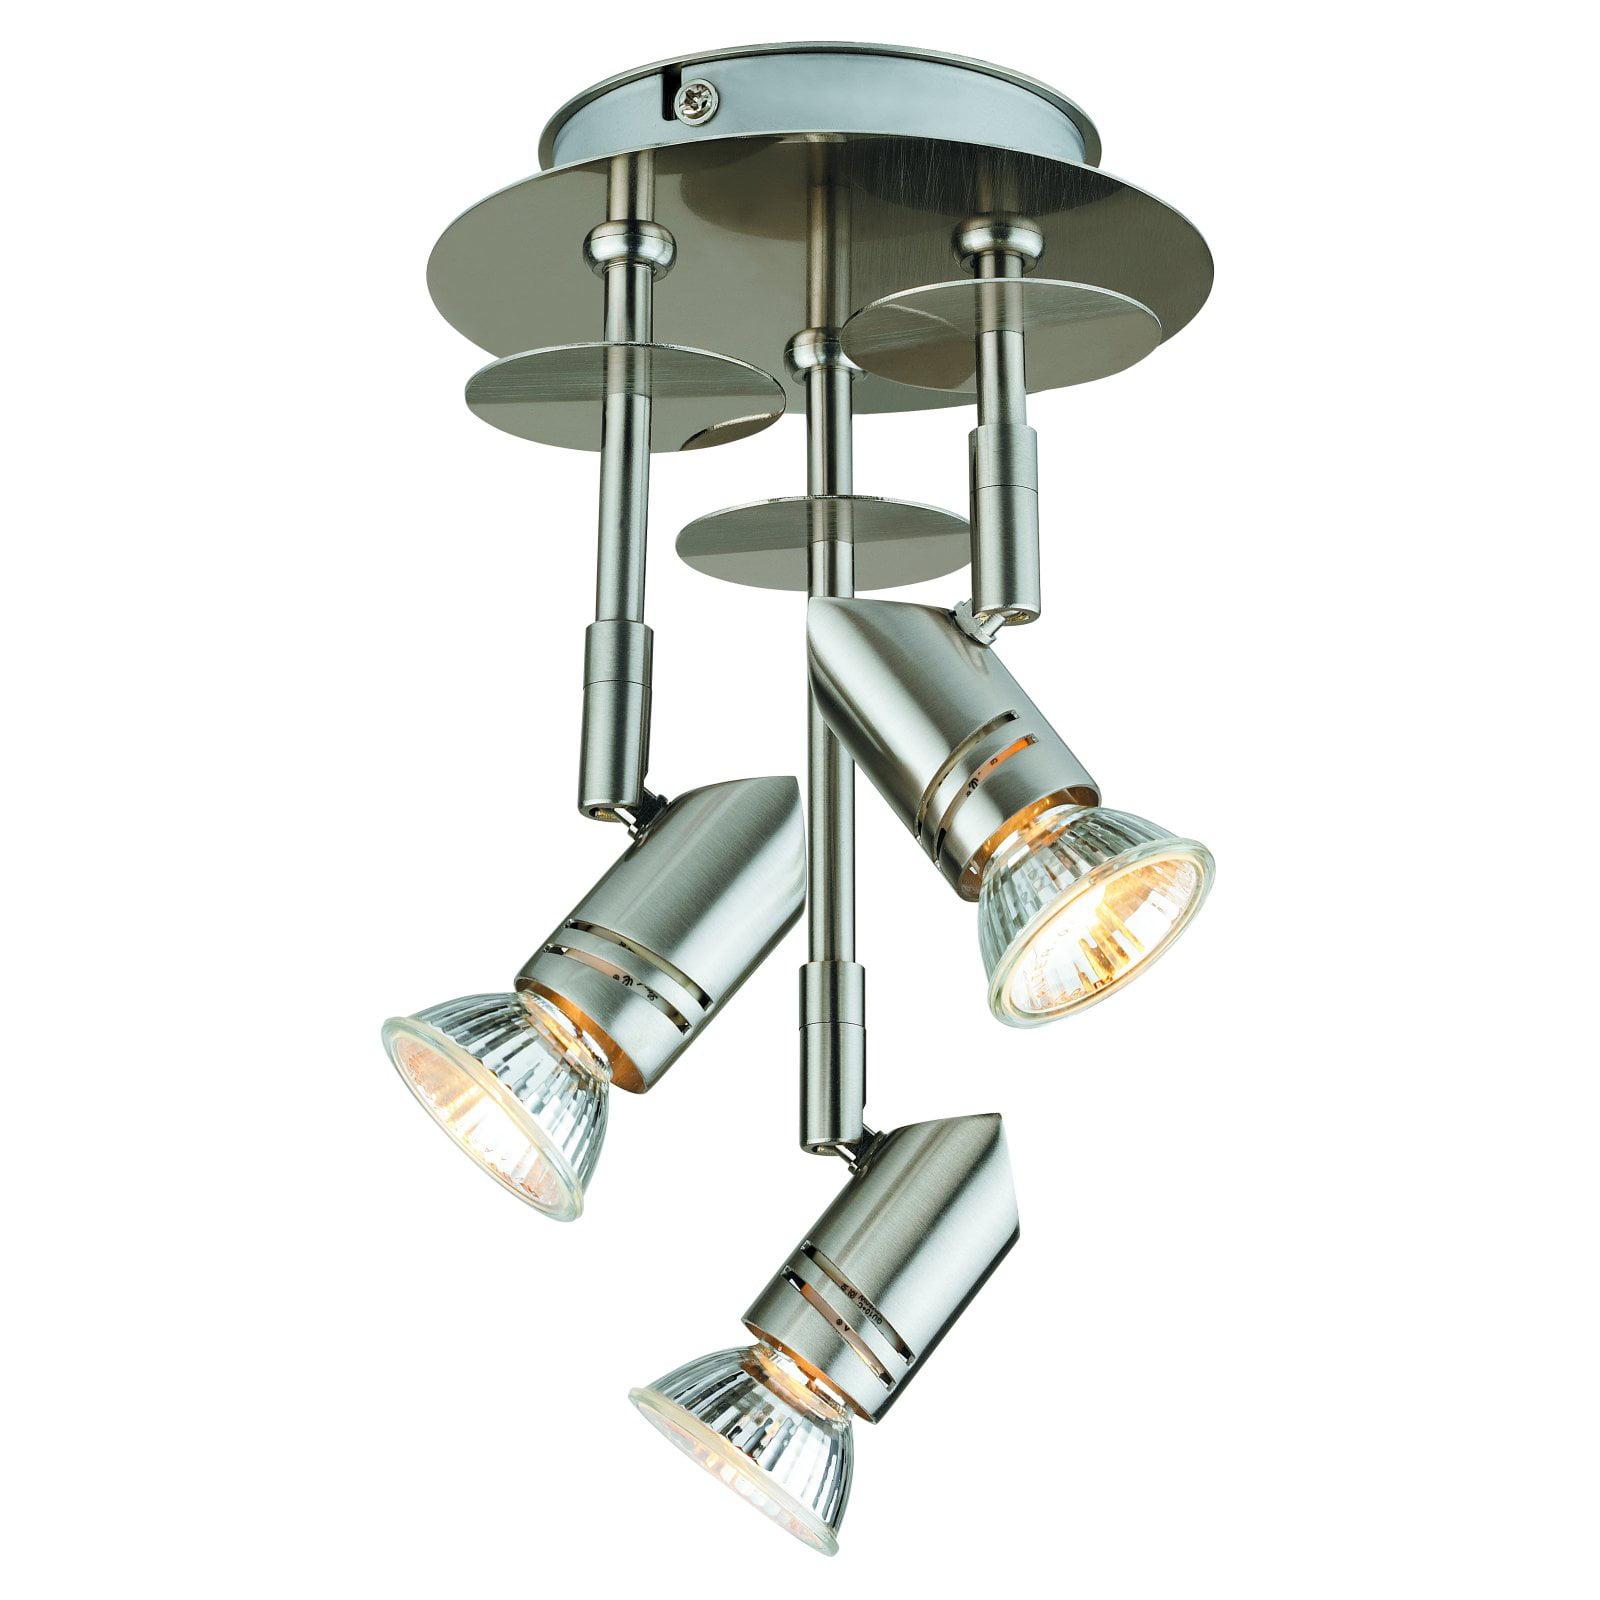 Catalina Lighting 3-Light Fixed Track Light by Illuminada